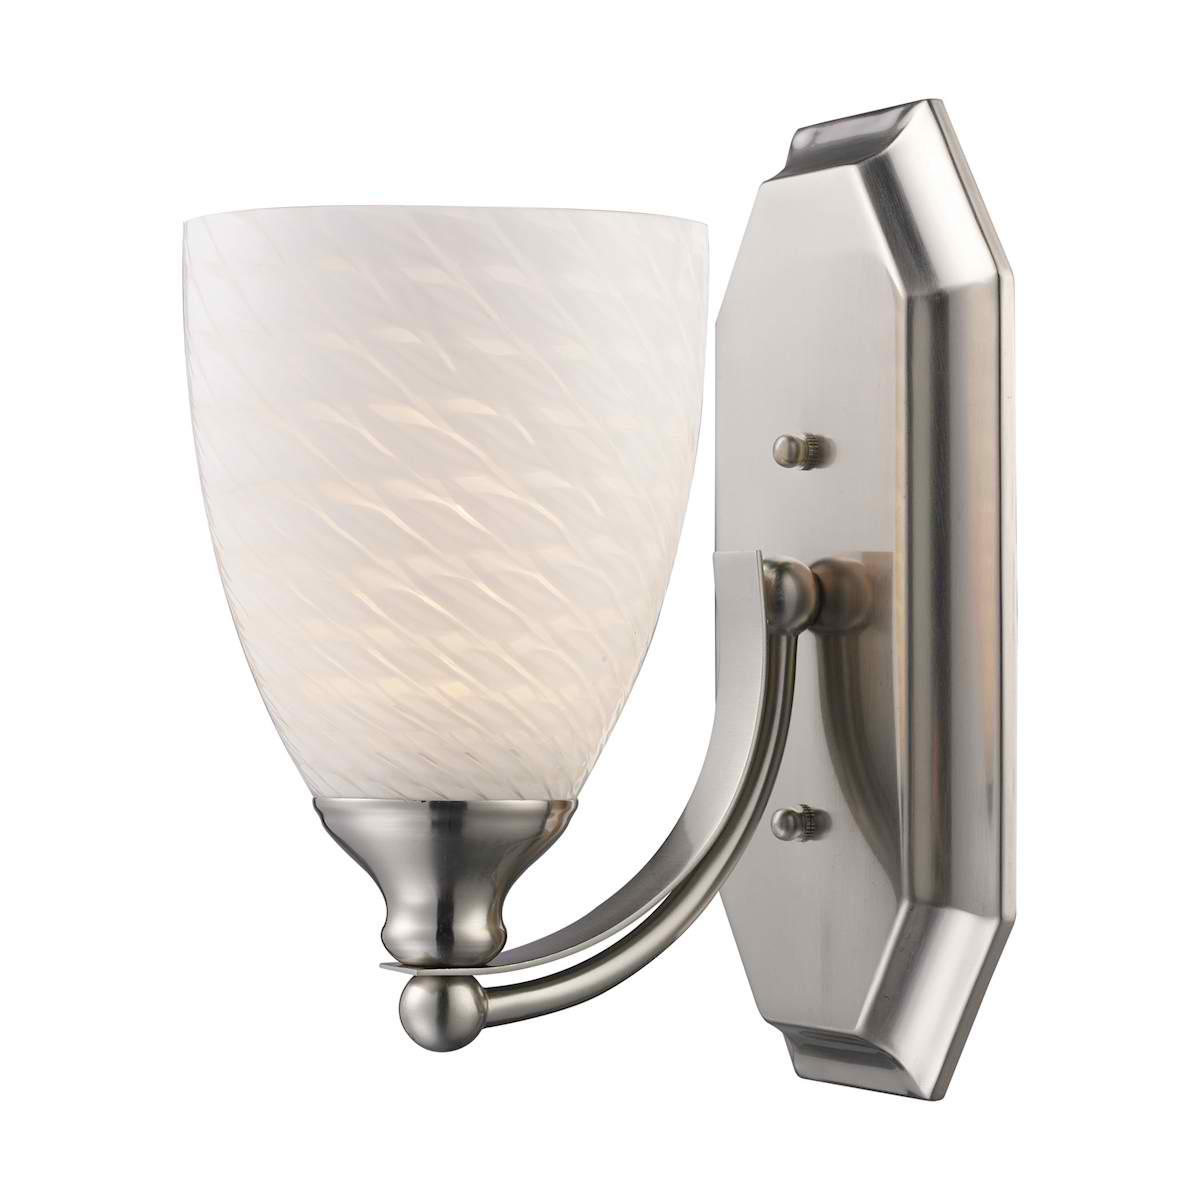 Vanity 1 Light Satin Nickel with White Swirl Glass